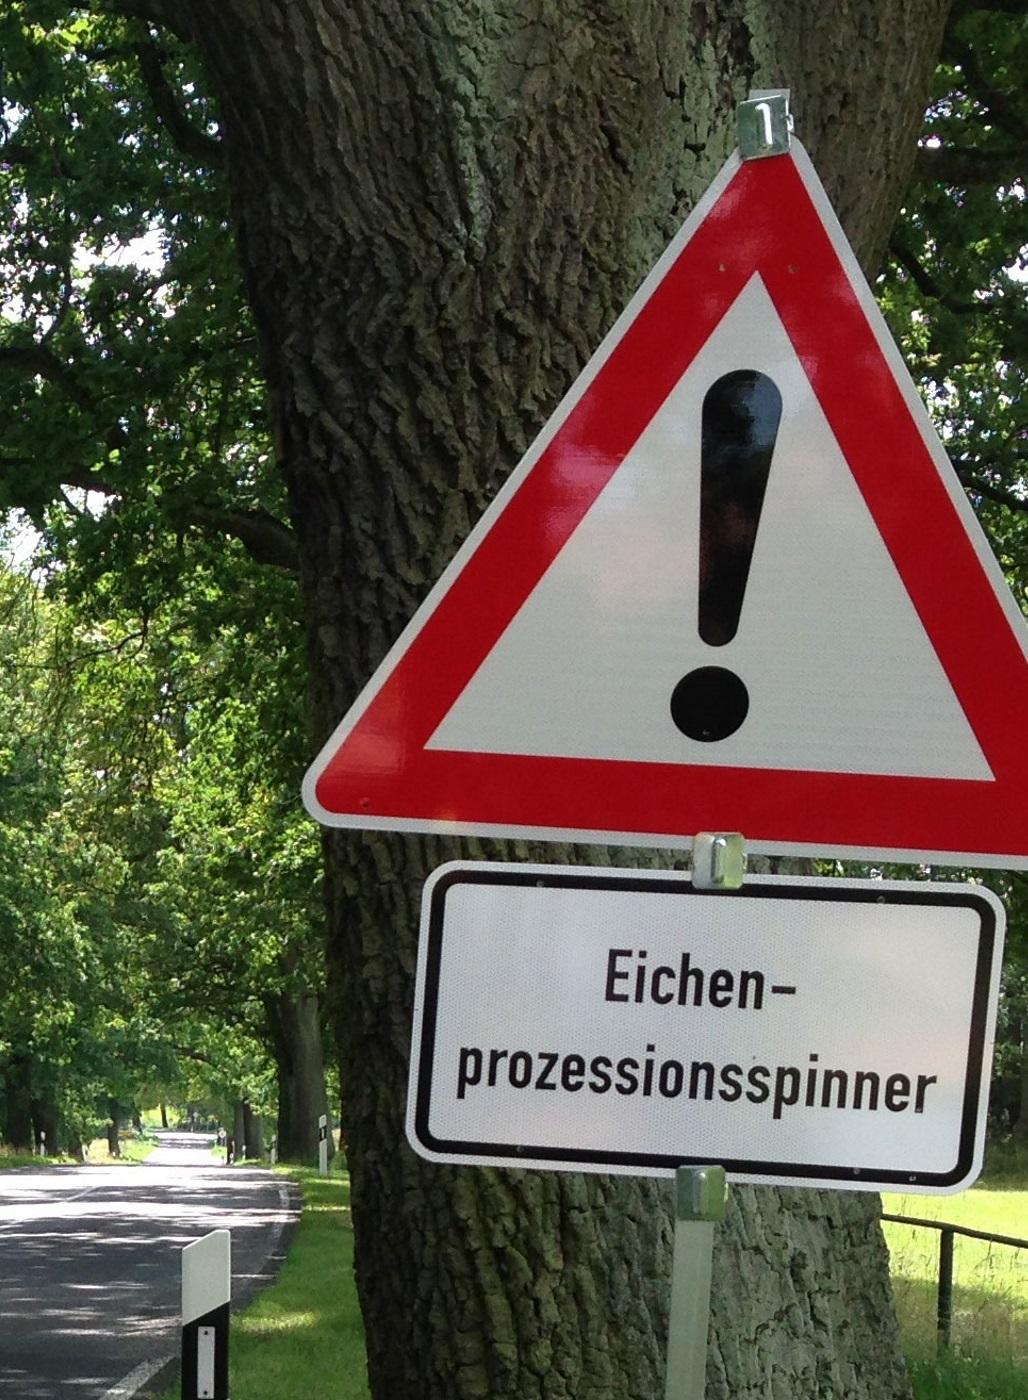 Warnschild Eichenprozessionsspinner am Straßenrand.